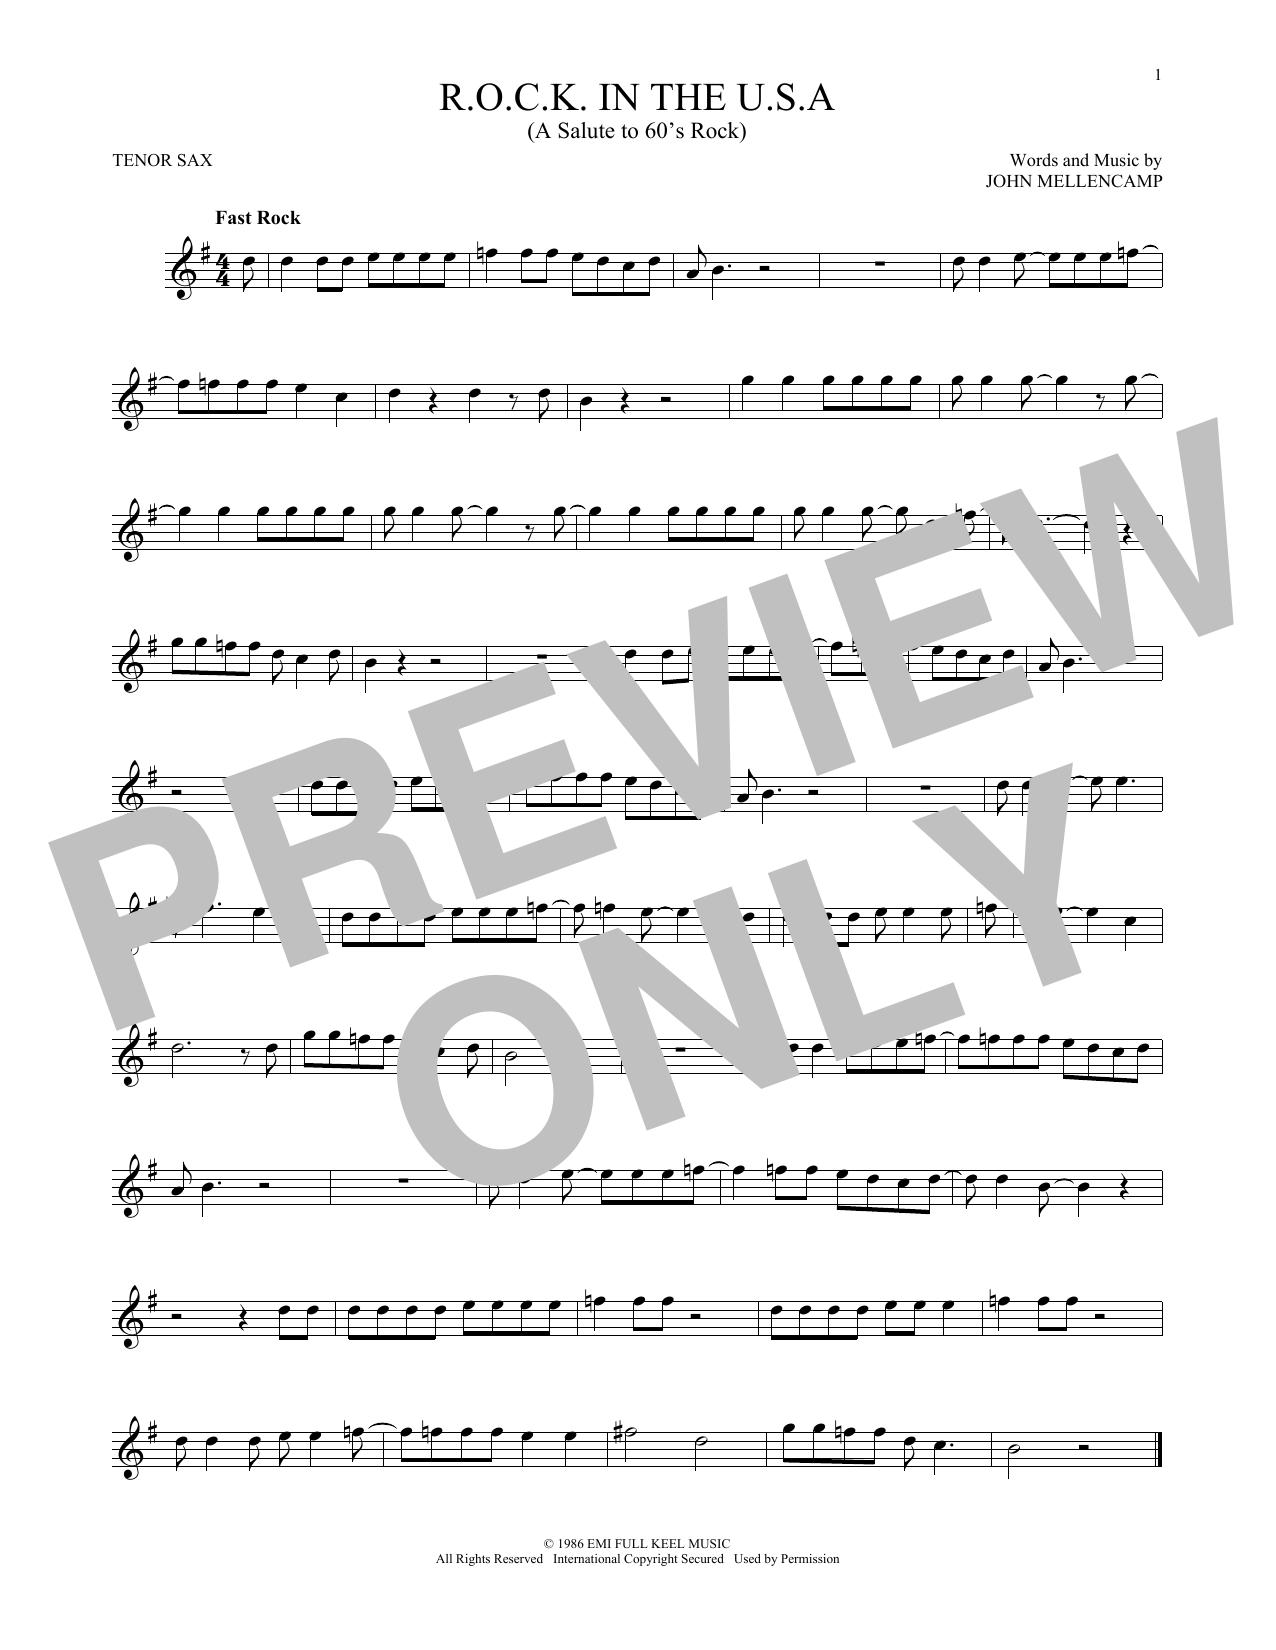 R.O.C.K. In The U.S.A. (A Salute To 60's Rock) (Tenor Sax Solo)